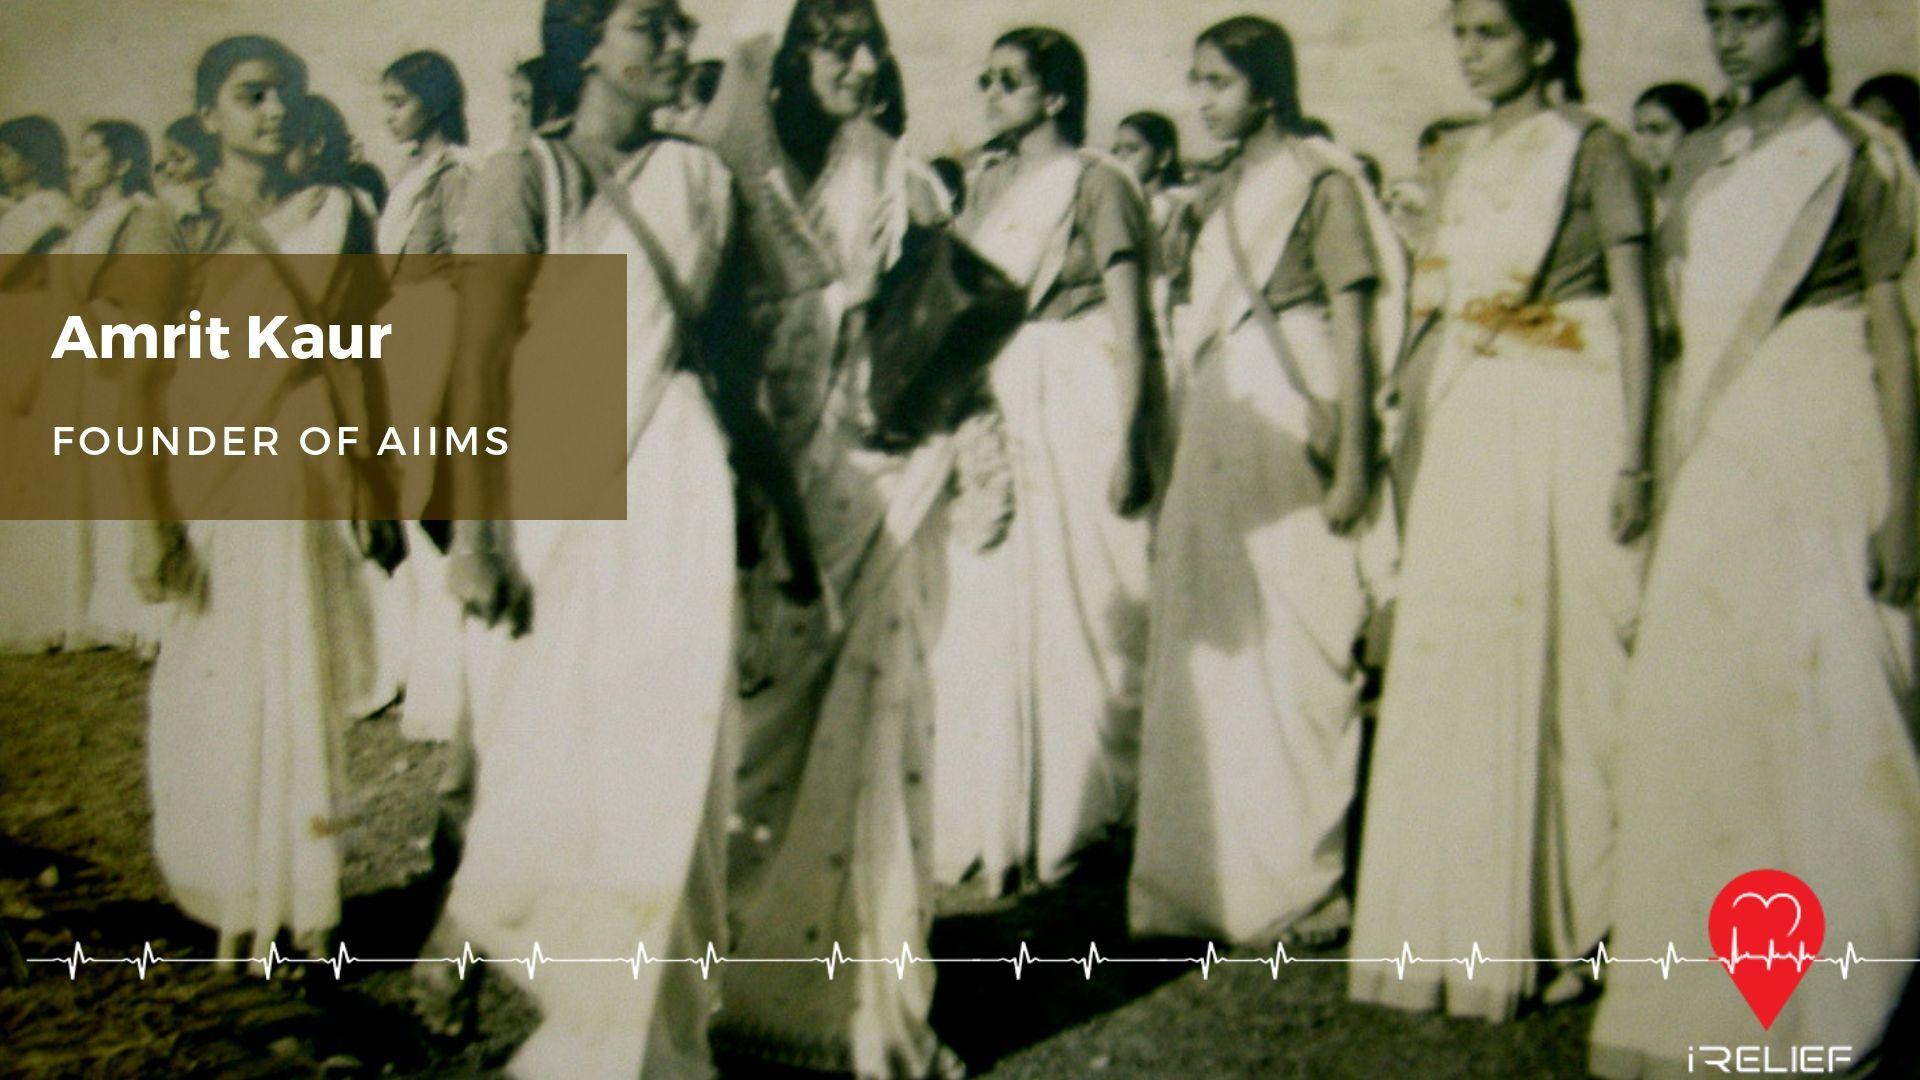 Amrit kaur, the Princess of Kapurthala, first Health